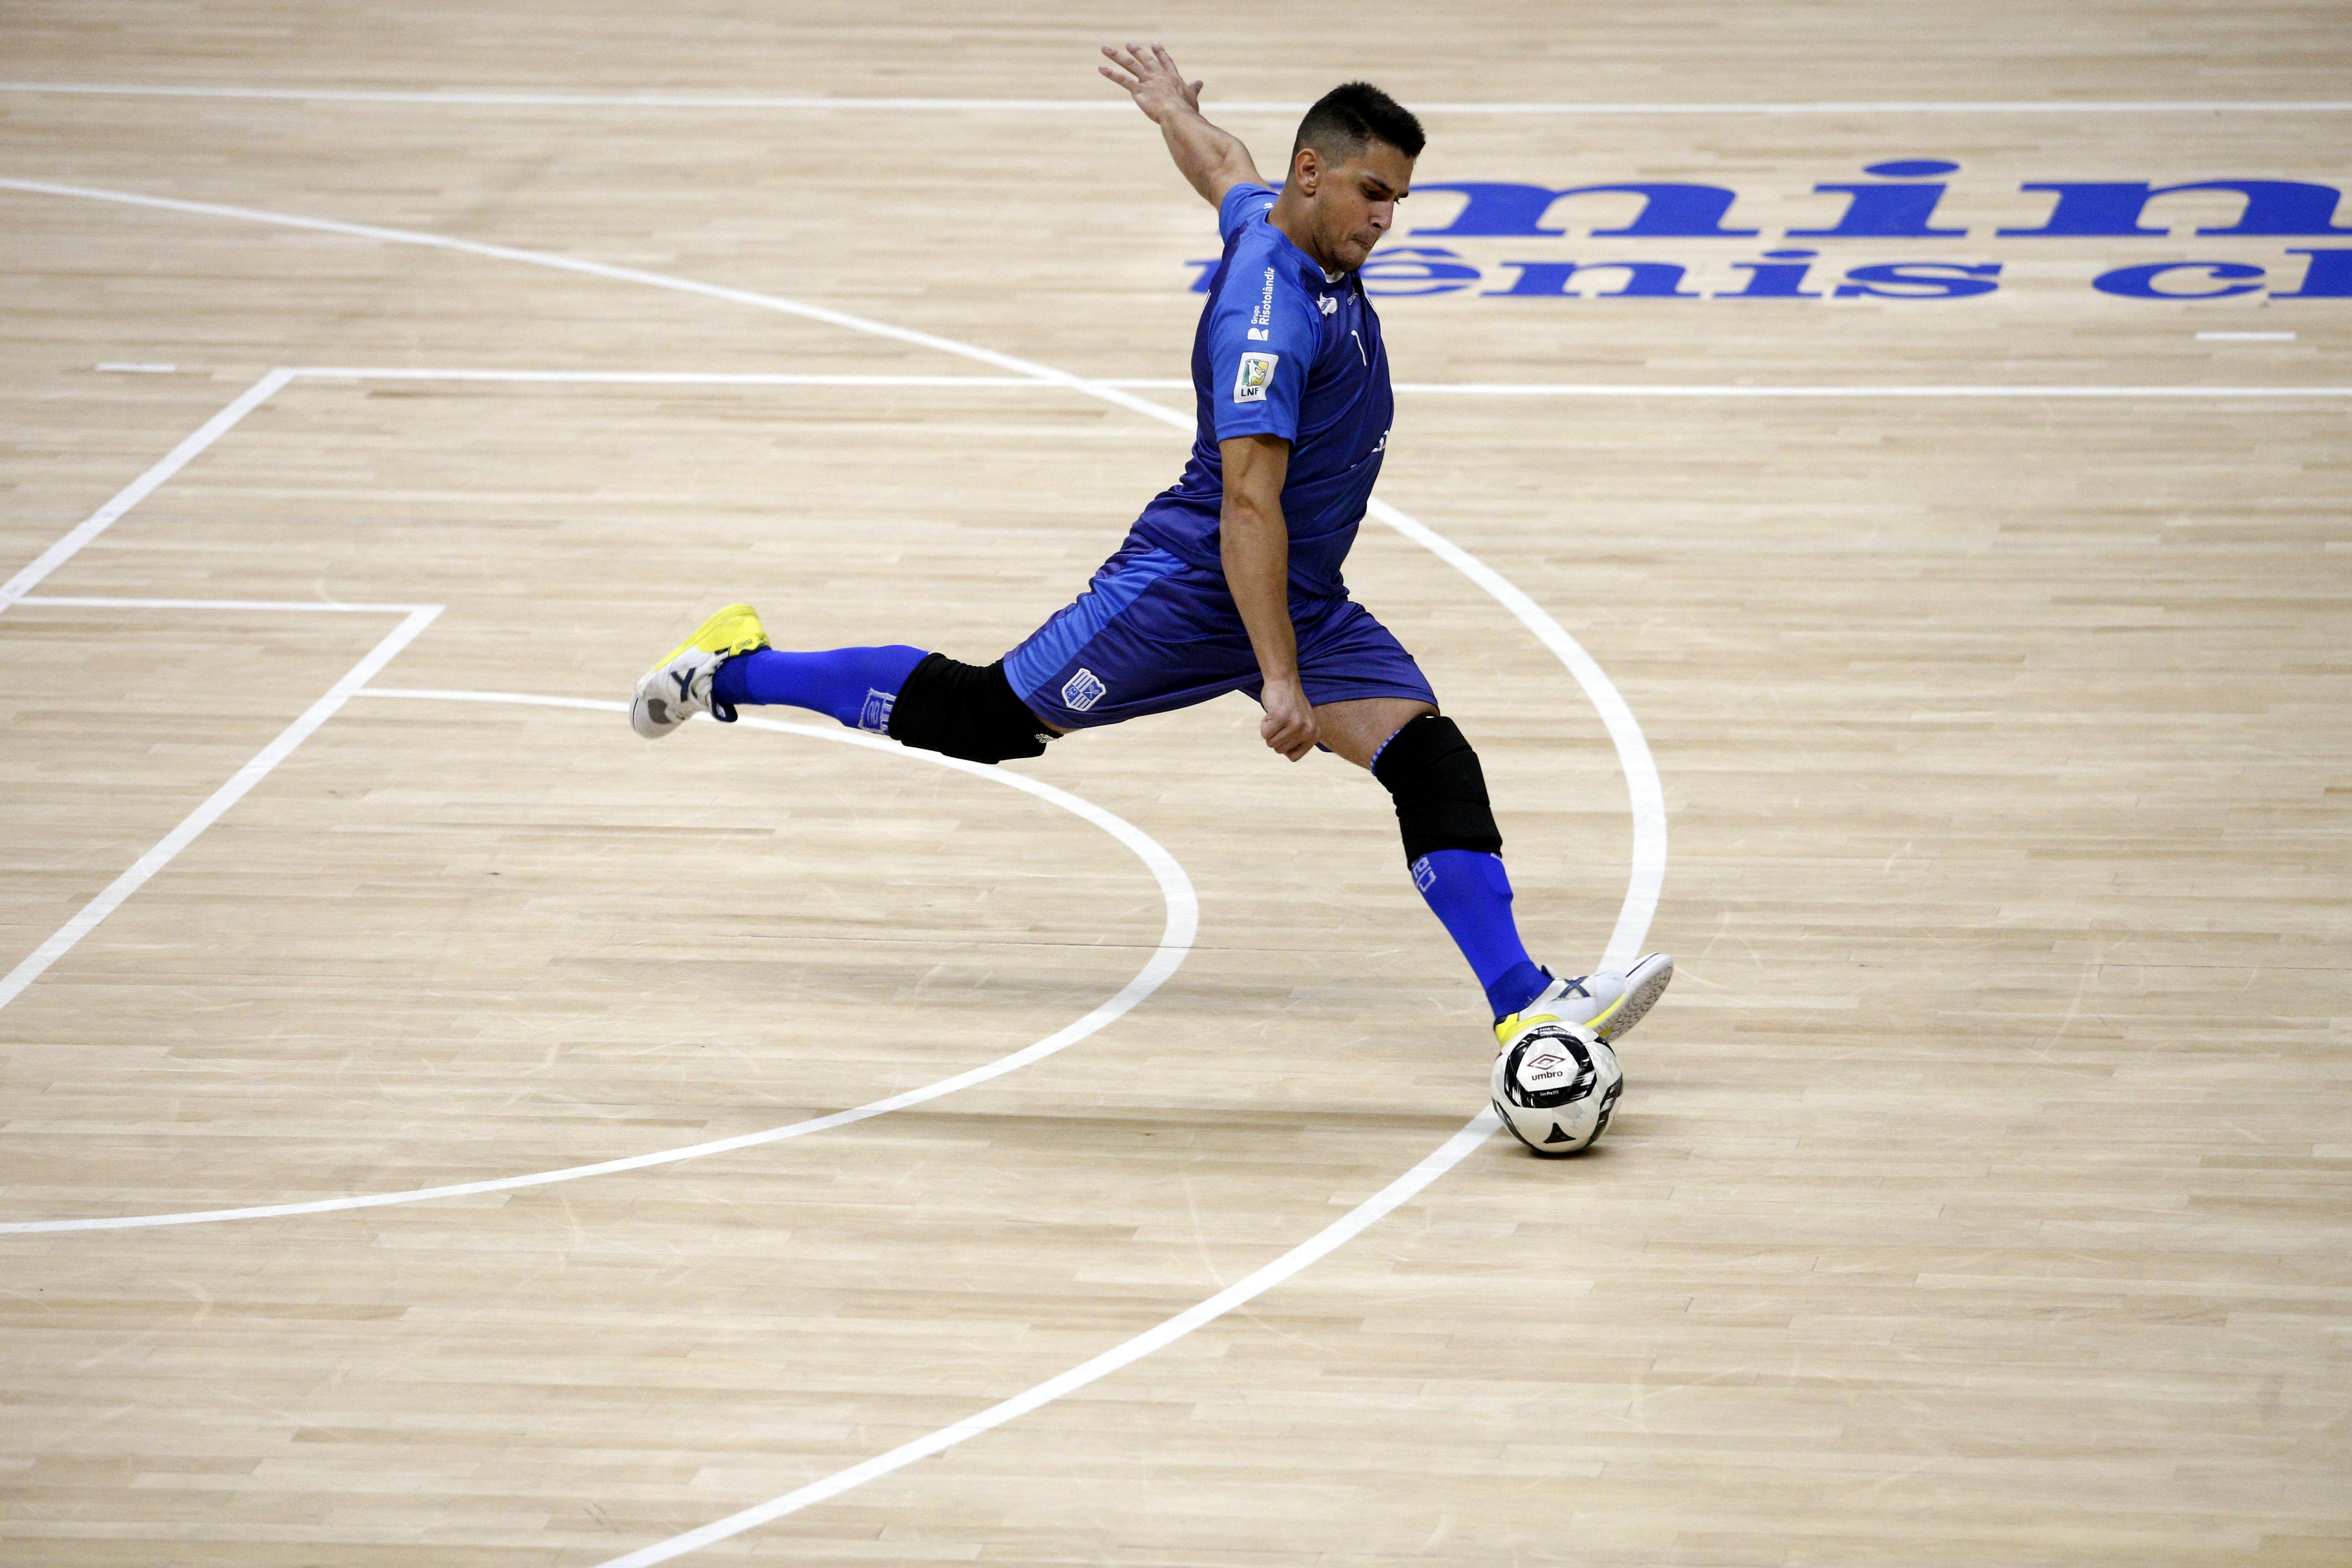 Aproveitando a classificação antecipada, Minas promoverá alguns atletas da base para o jogo (Foto: Orlando Bento/Minas Tênis Clube)